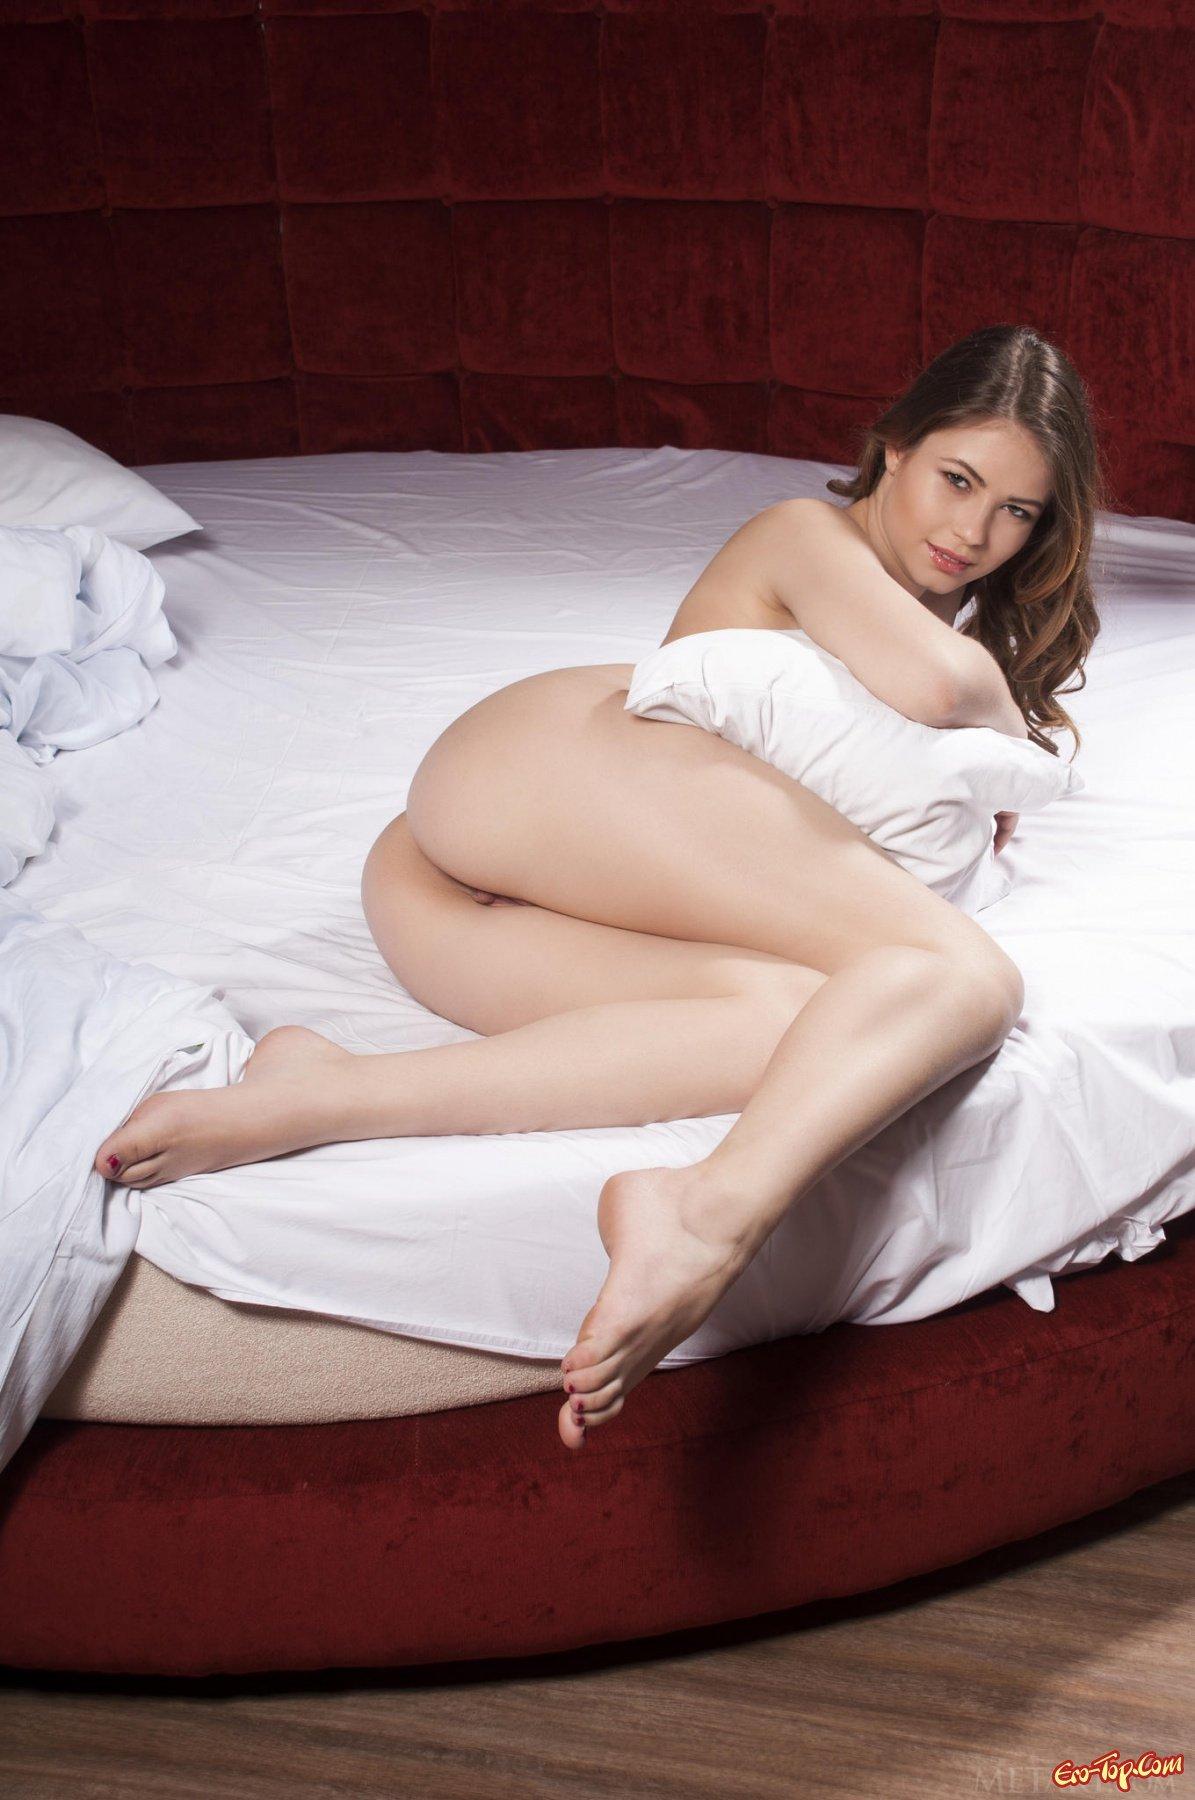 эротическое фото голых красивых девушек в постели